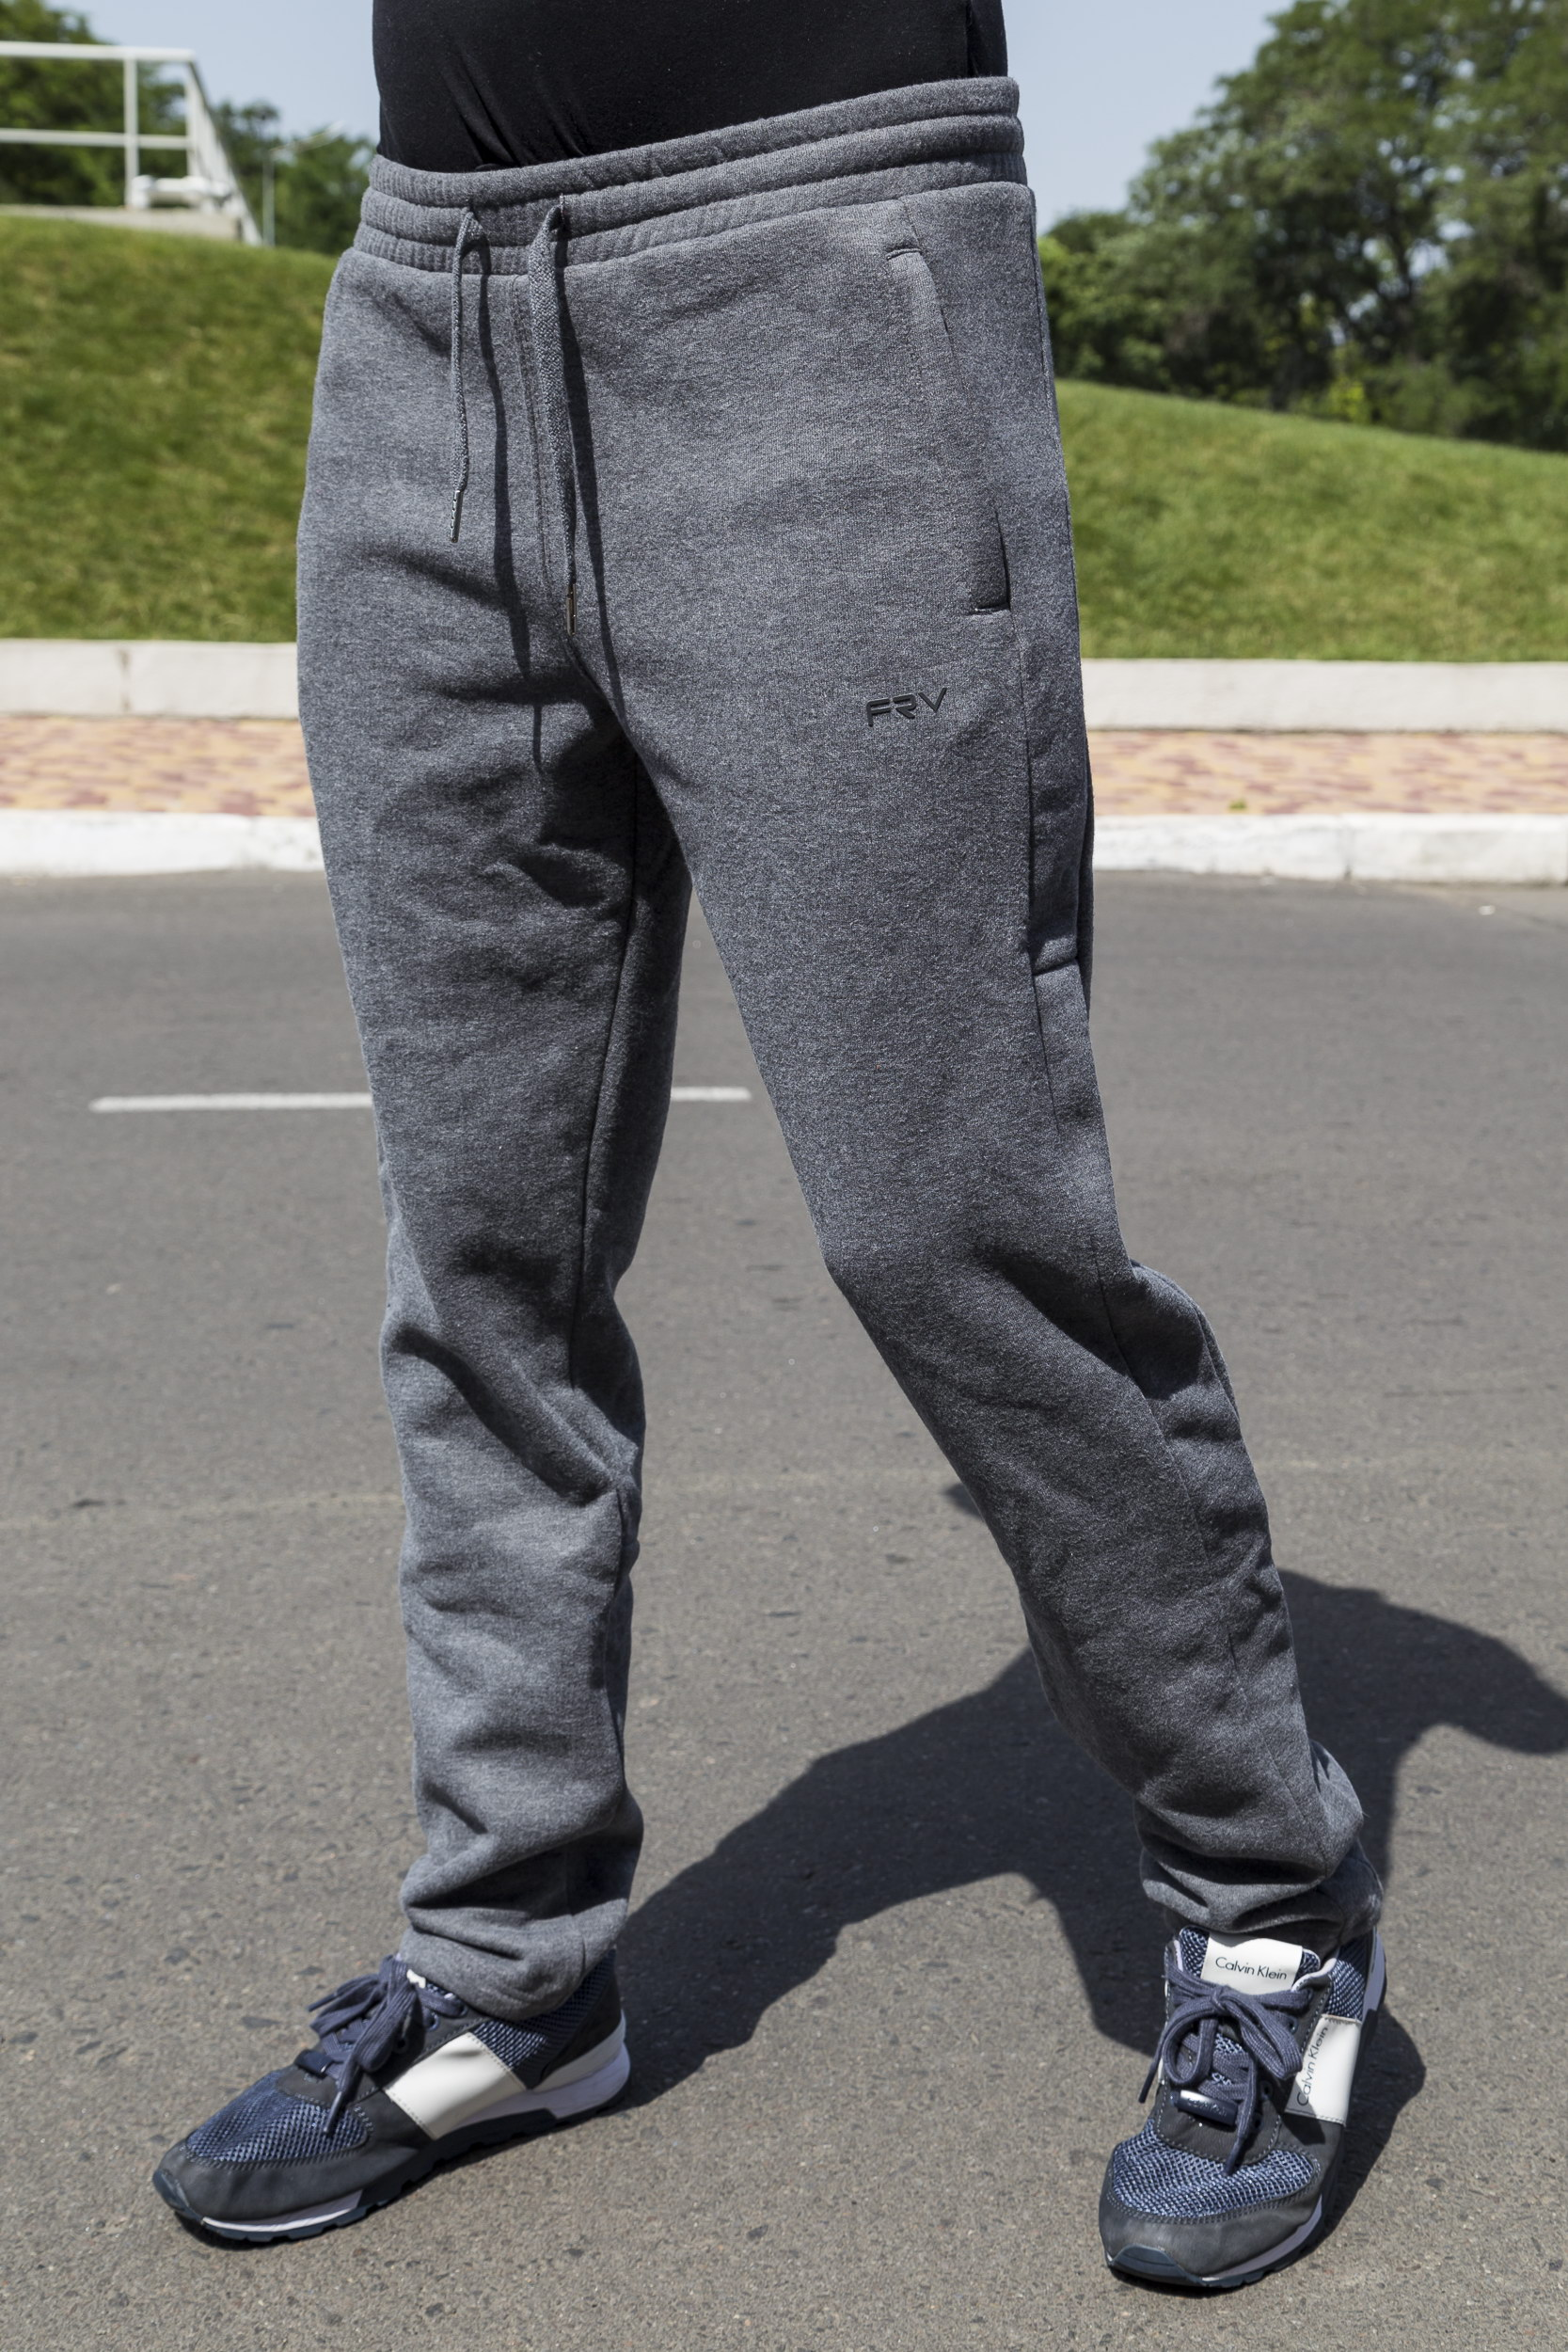 фото штанов мужских спортивных